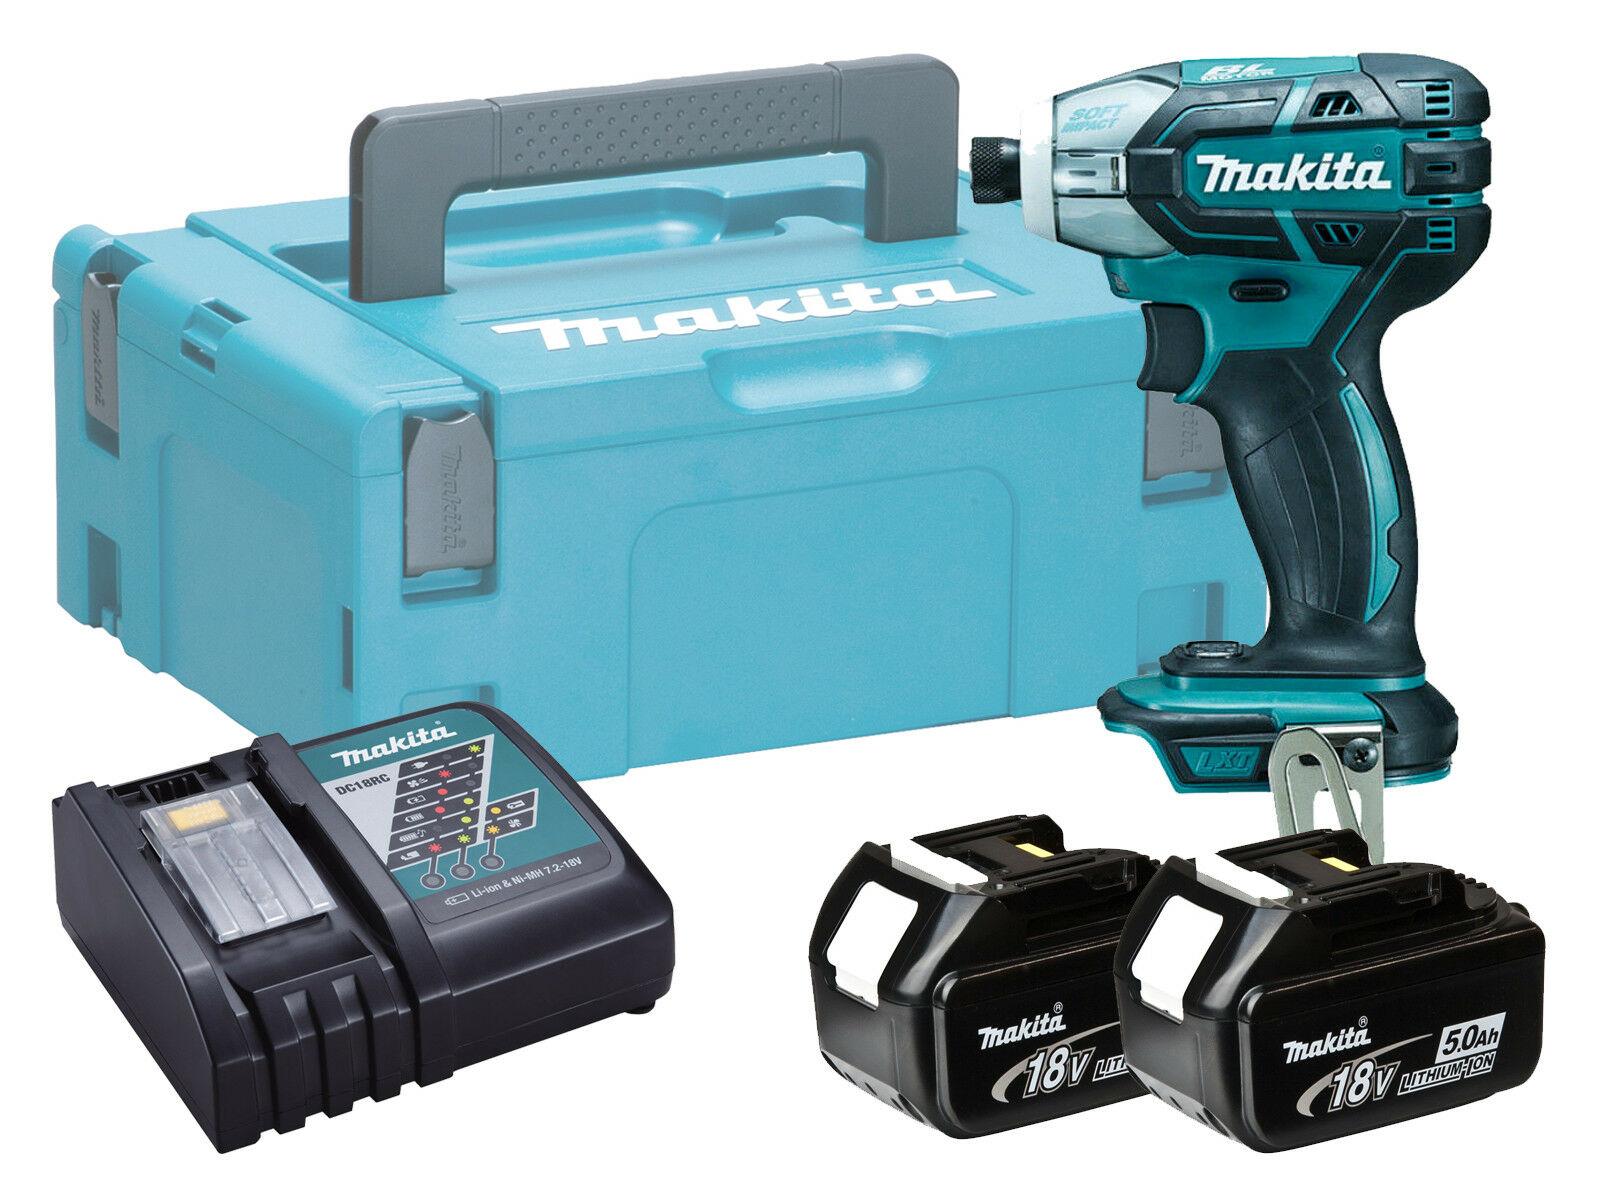 Makita DTS141 18V Brushless Cordless Oil Pulse Driver - 5.0Ah Kit